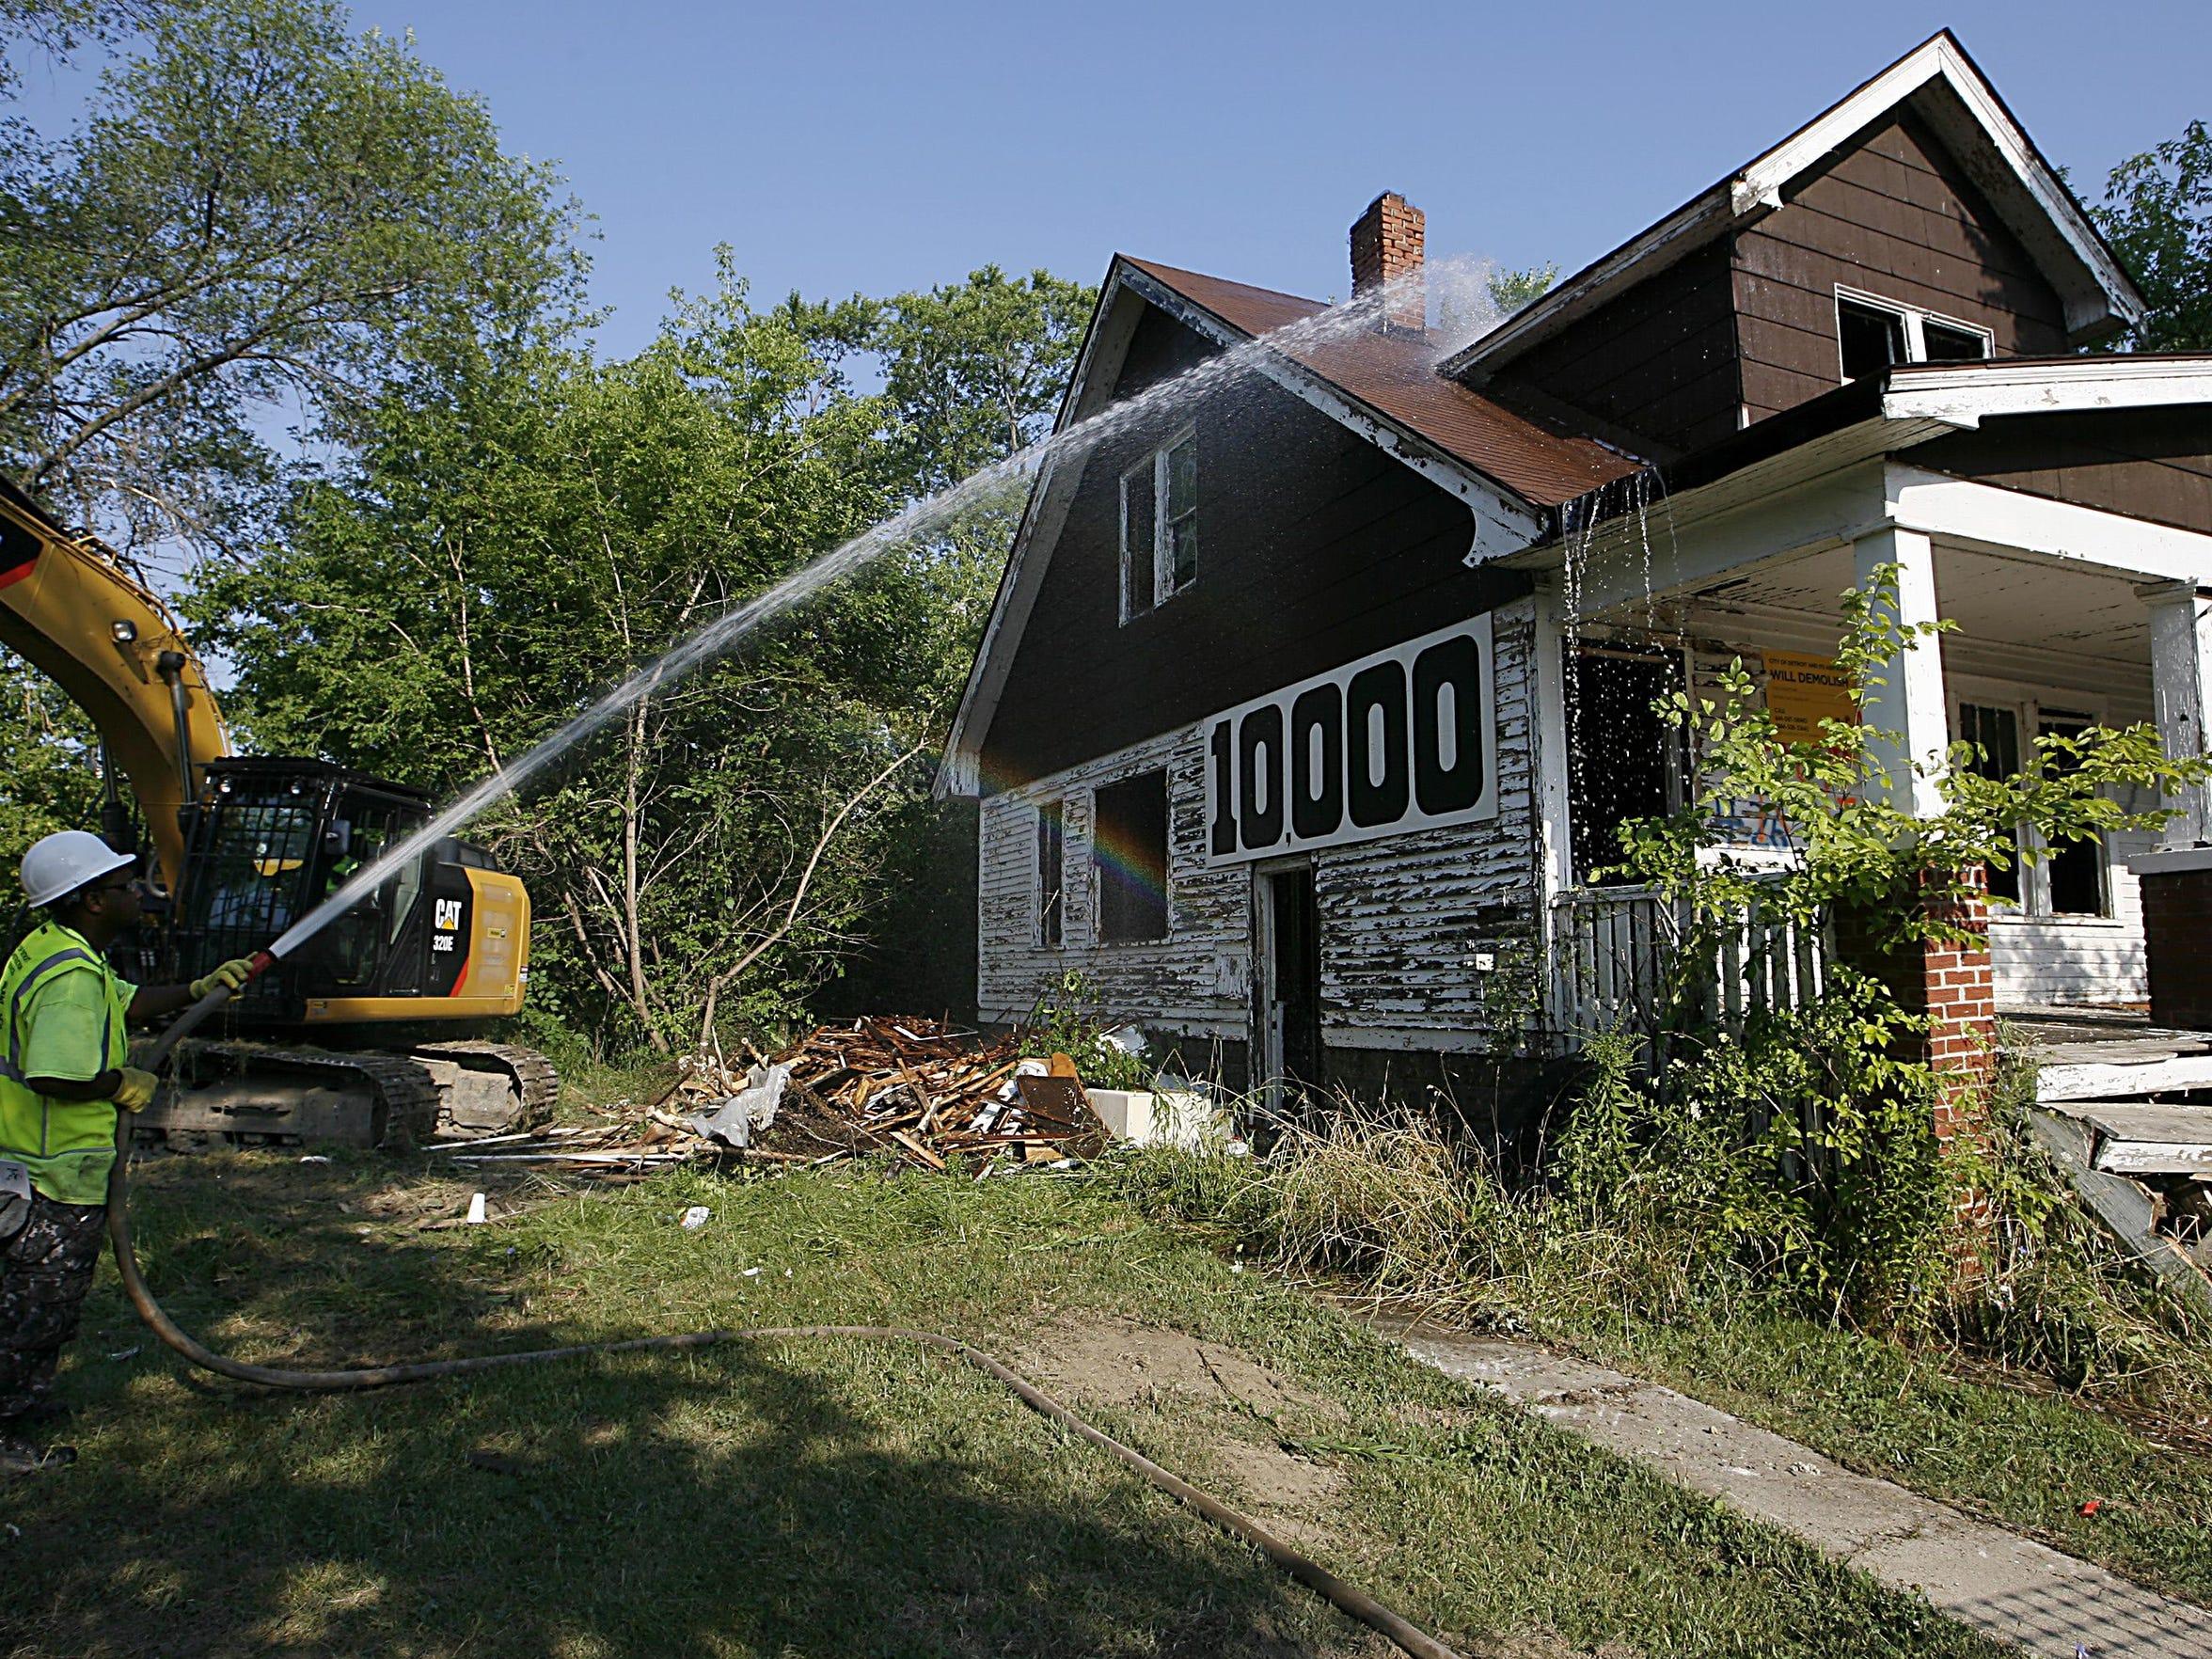 Detroit's demolition program has razed more than16,823 blighted houses since 2014.